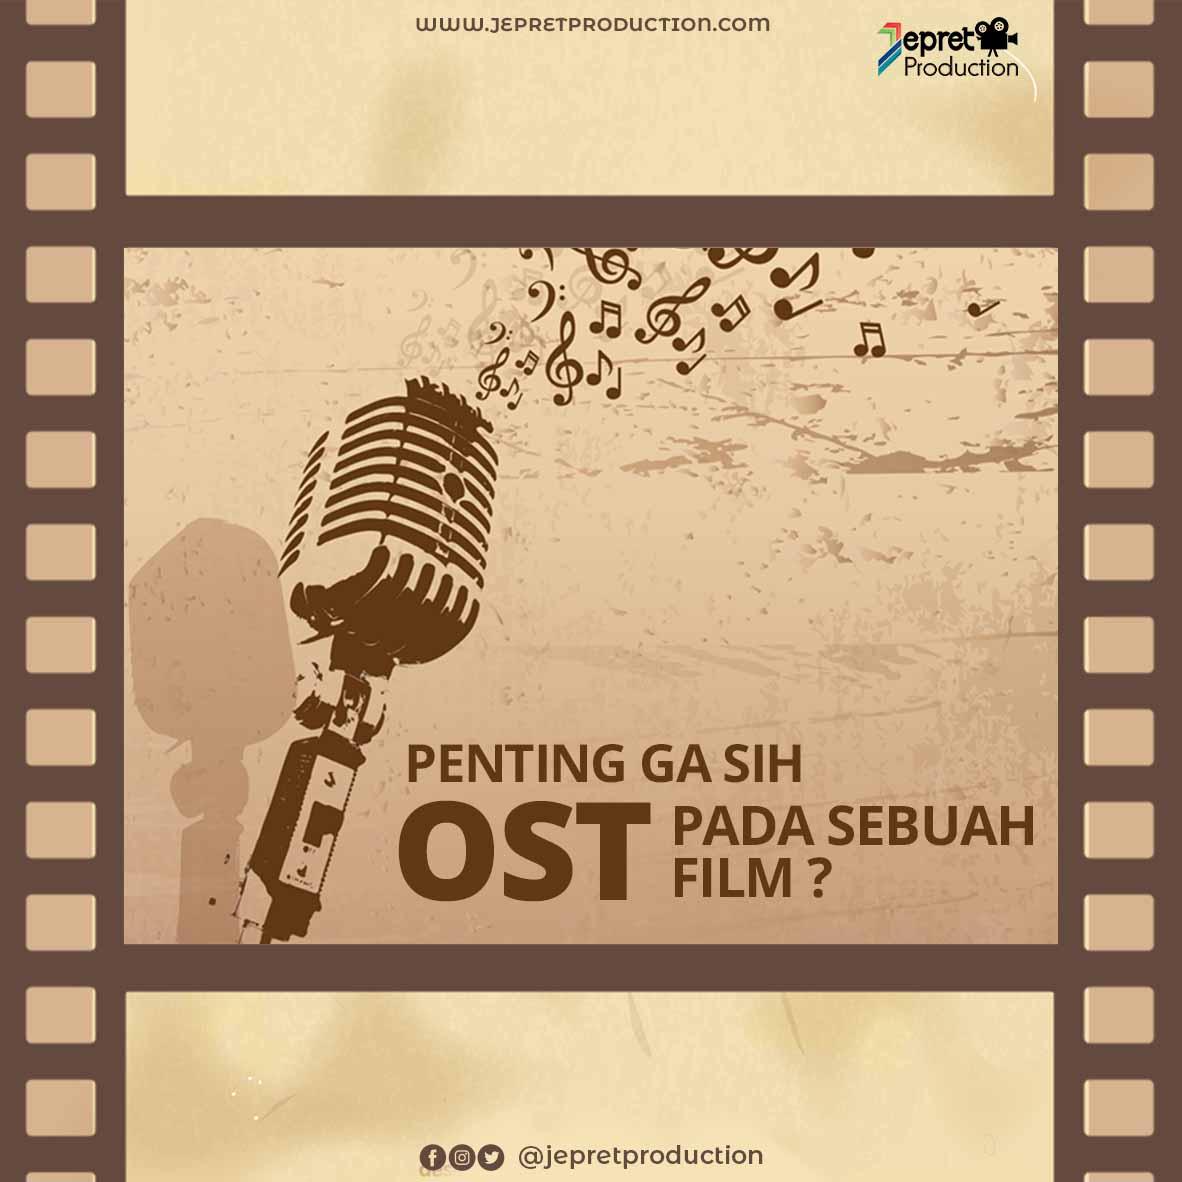 Penting Ga sih OST pada sebuah FILM?